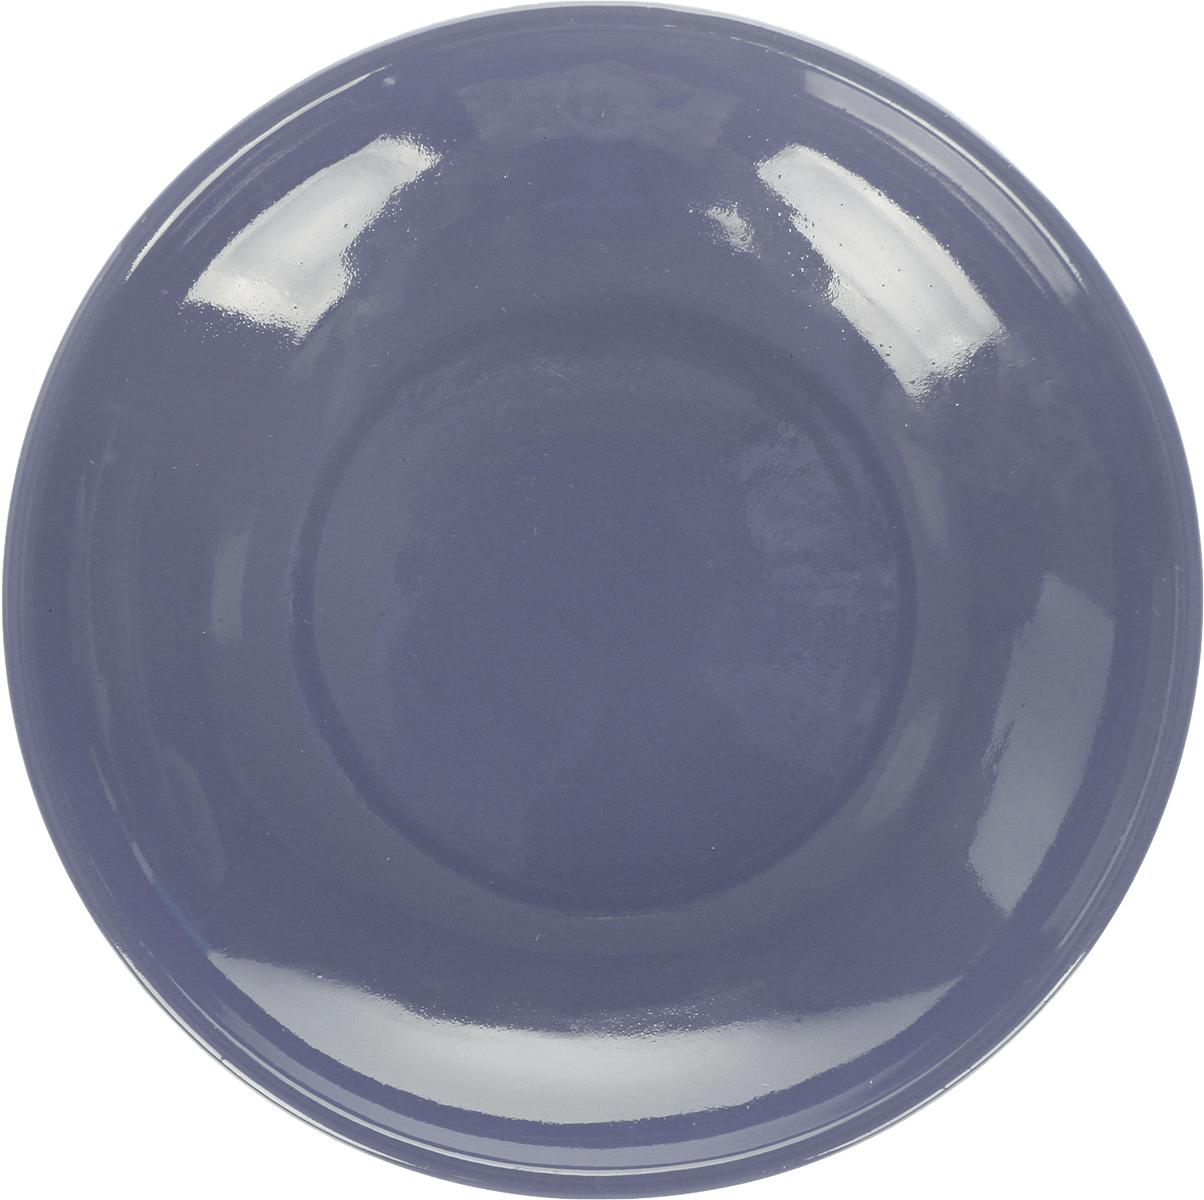 Фото - Блюдце Борисовская керамика Радуга, цвет: темно-серый, диаметр 10 см блюдце борисовская керамика радуга цвет темно серый диаметр 10 см